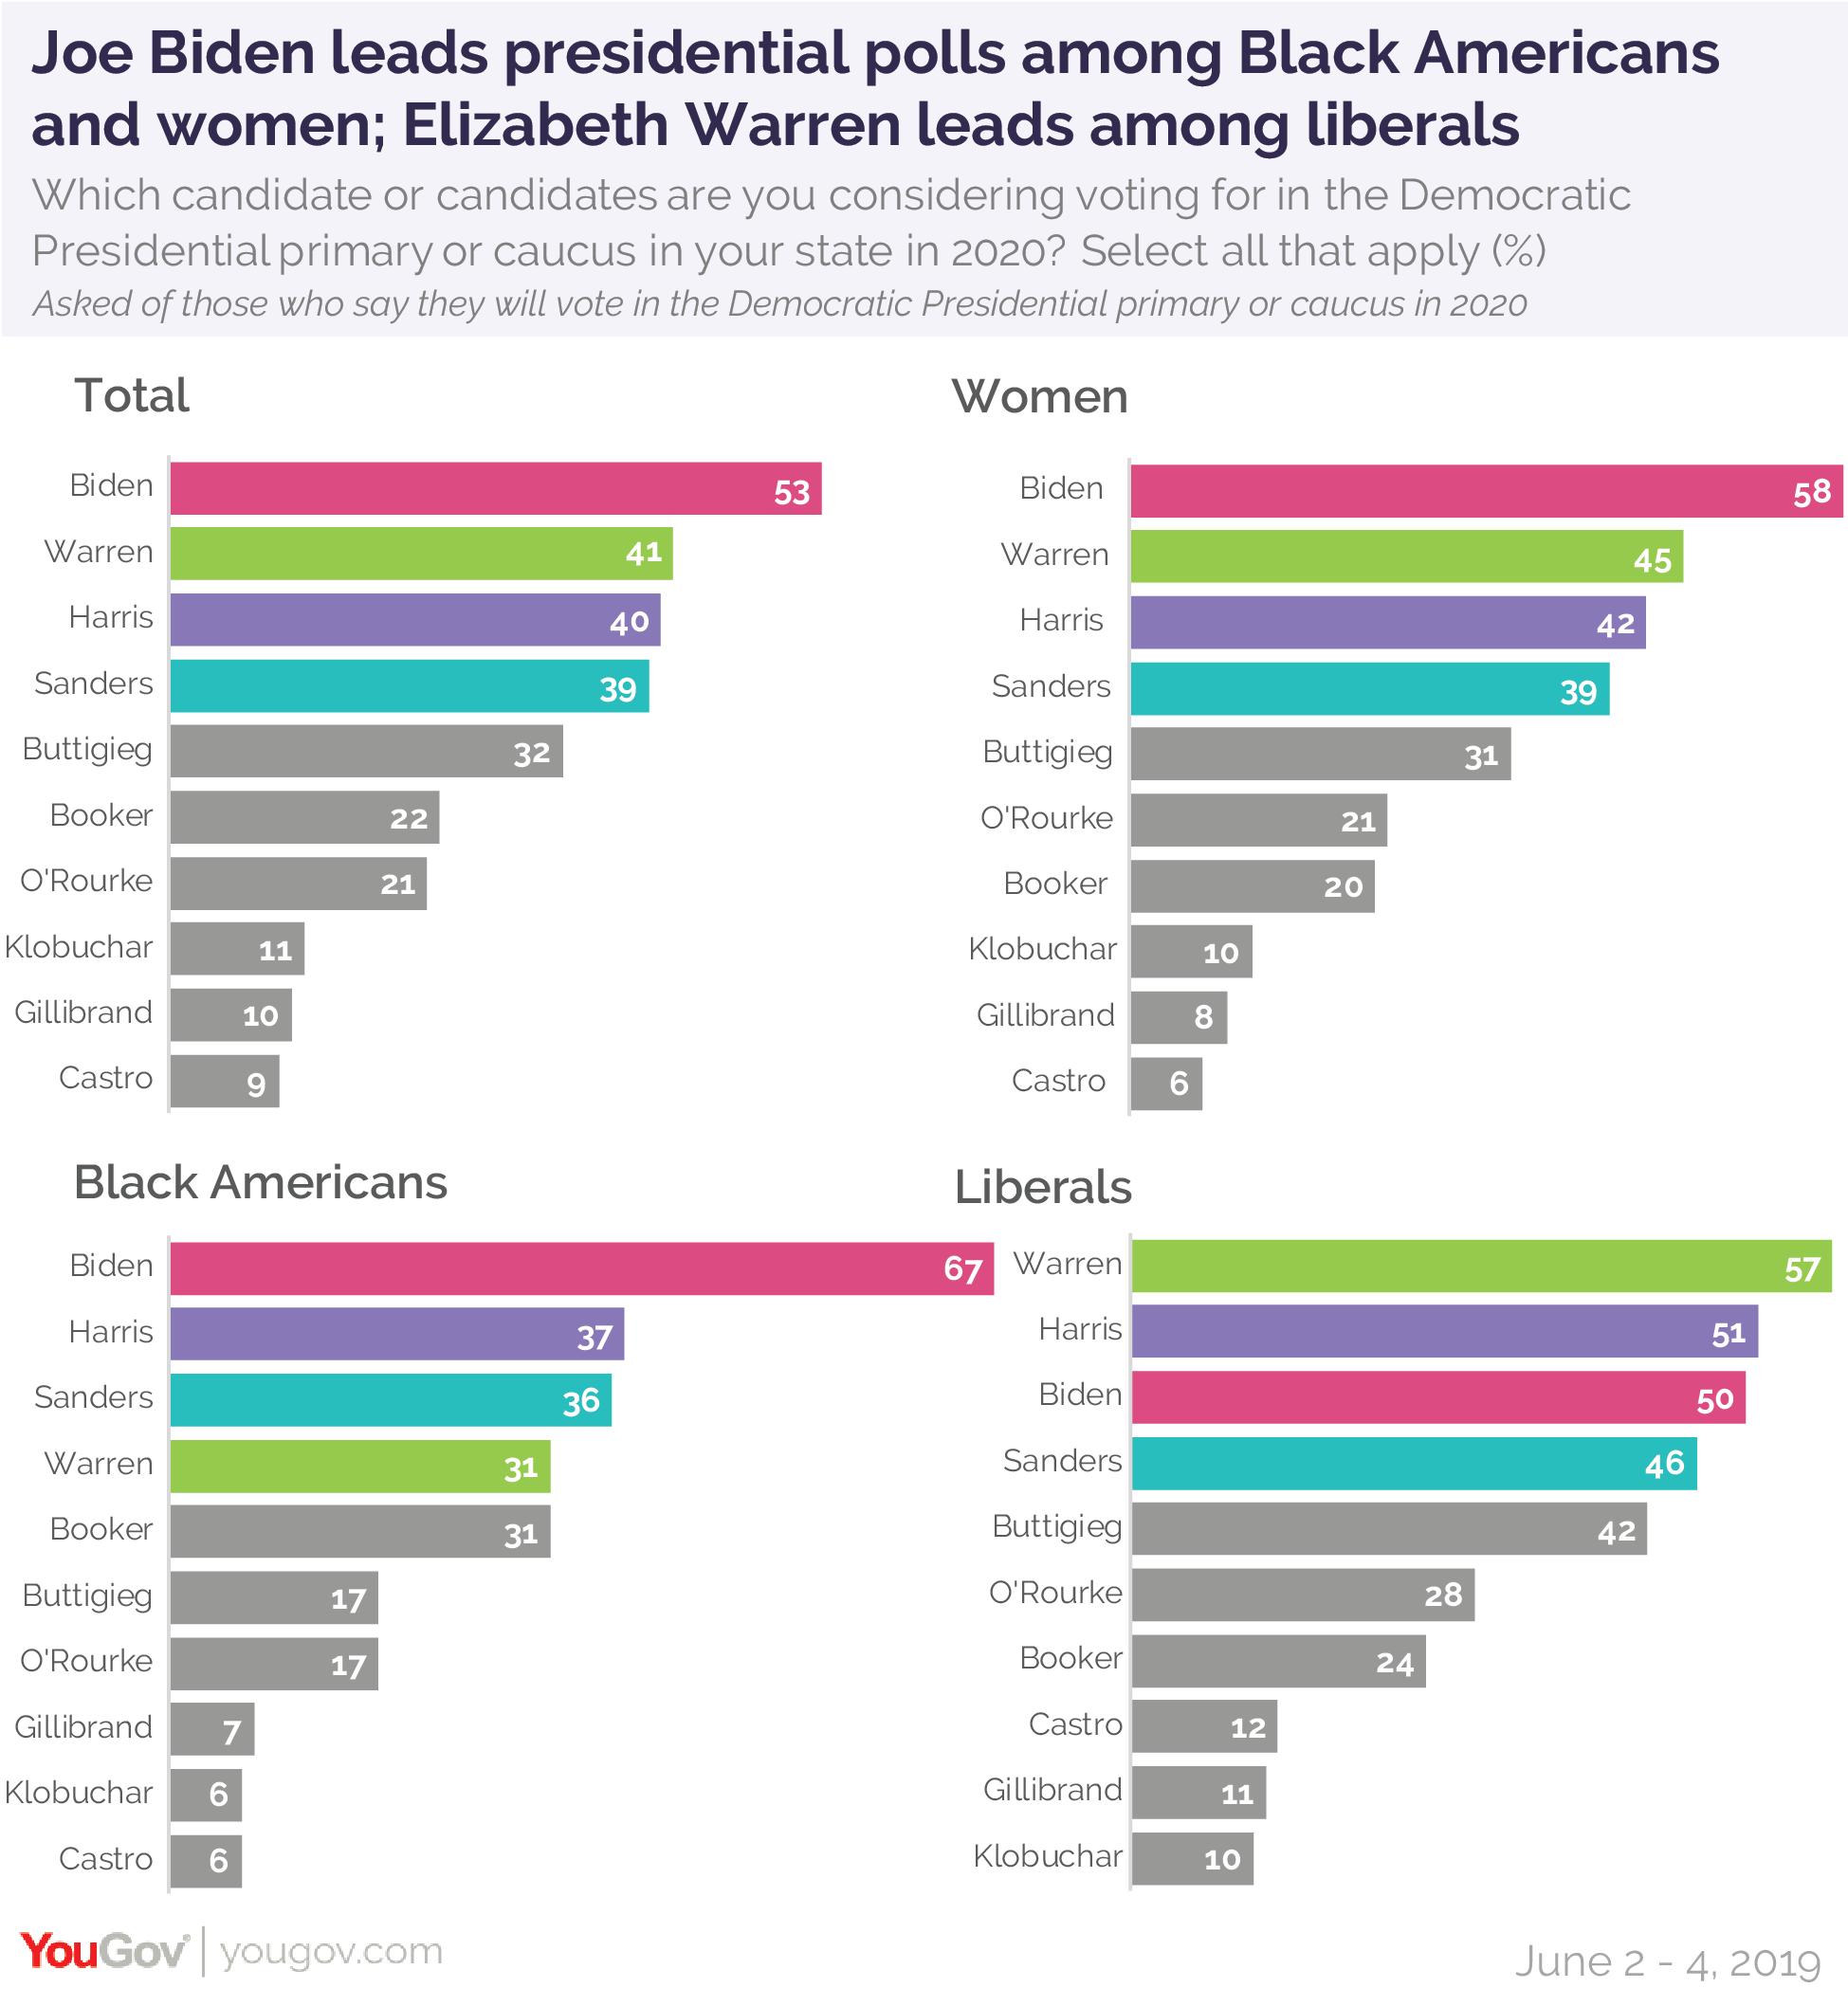 Joe Biden leads presidential polls among Black Americans and women; Elizabeth Warren leads among liberals